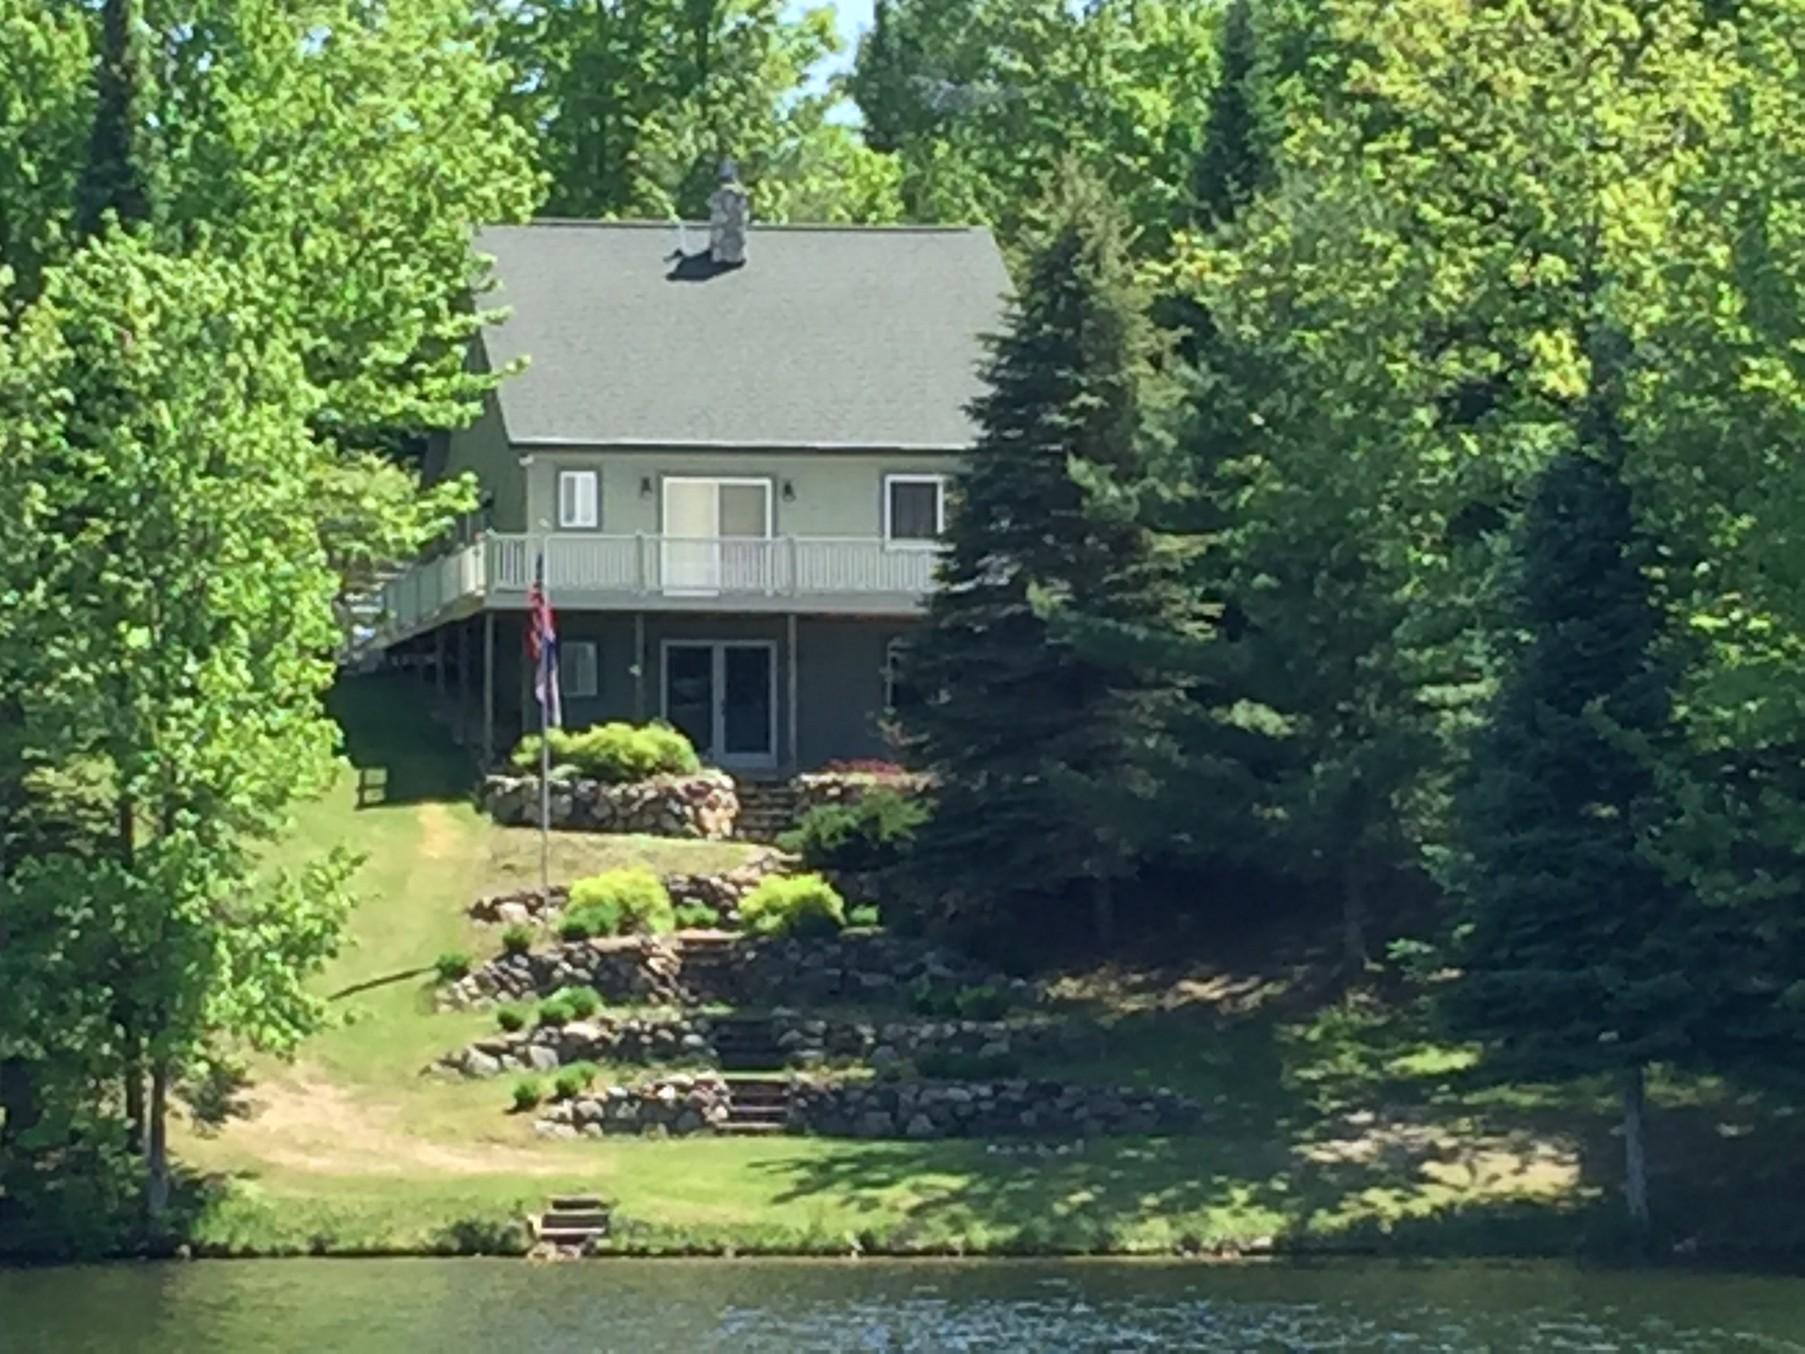 Maison unifamiliale pour l Vente à 3600 Northview Drive Wolverine, Michigan, 49740 États-Unis